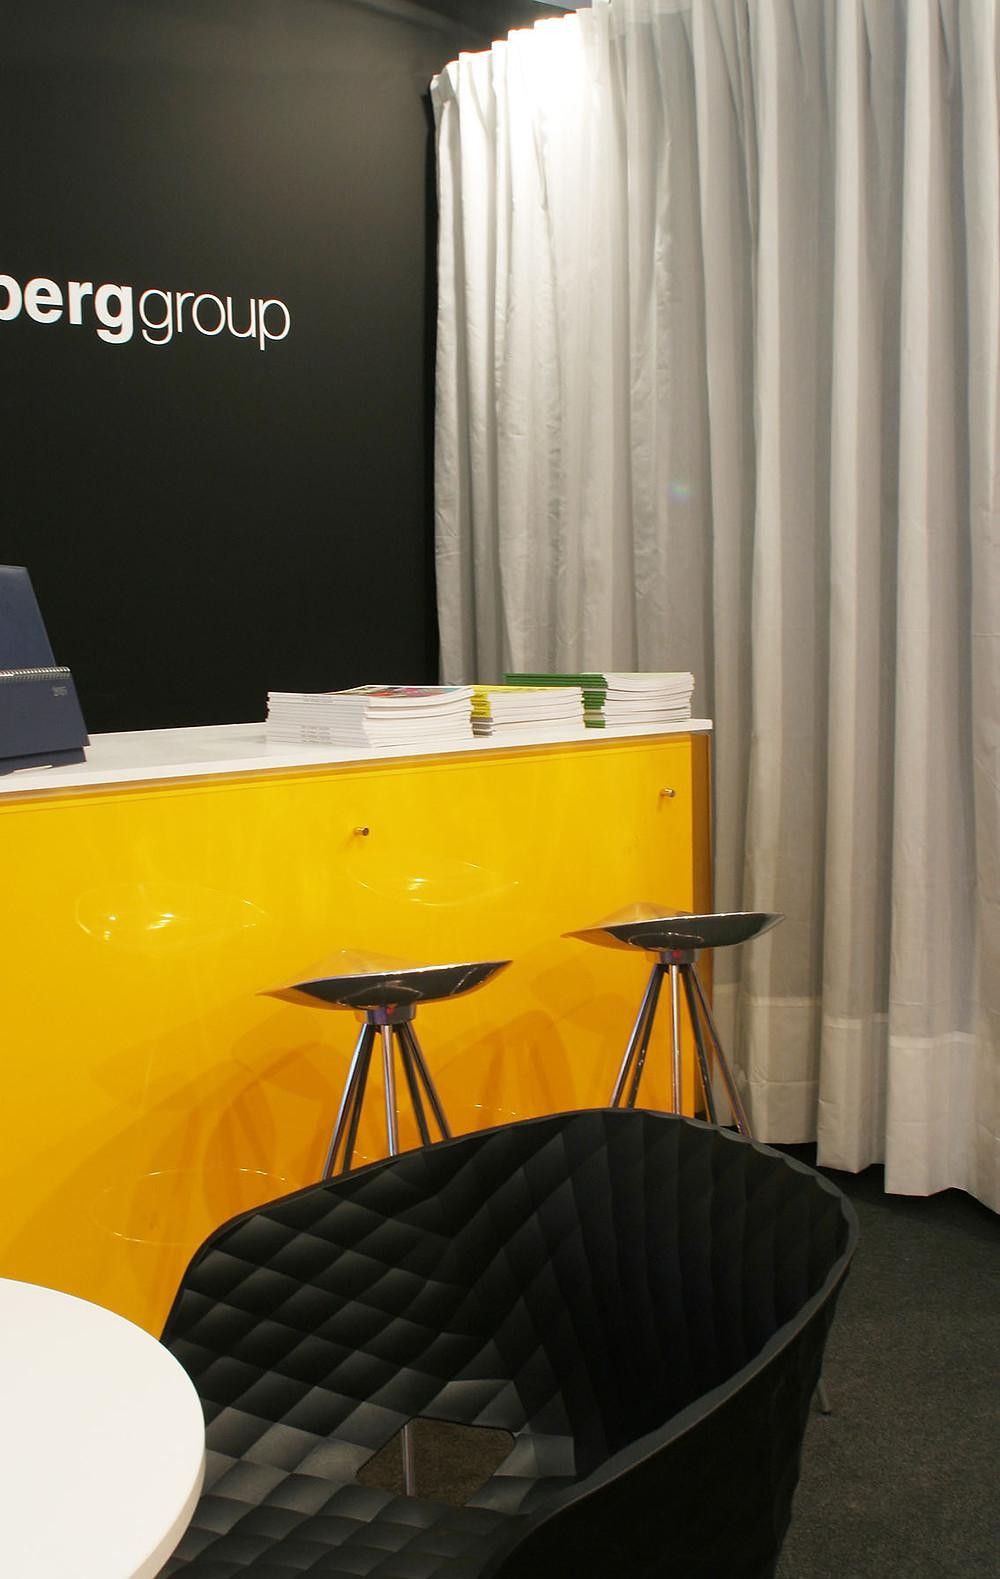 diseño y montaje de stands par grupo lideberg realizado por Decoración de Stands con paredes en negro